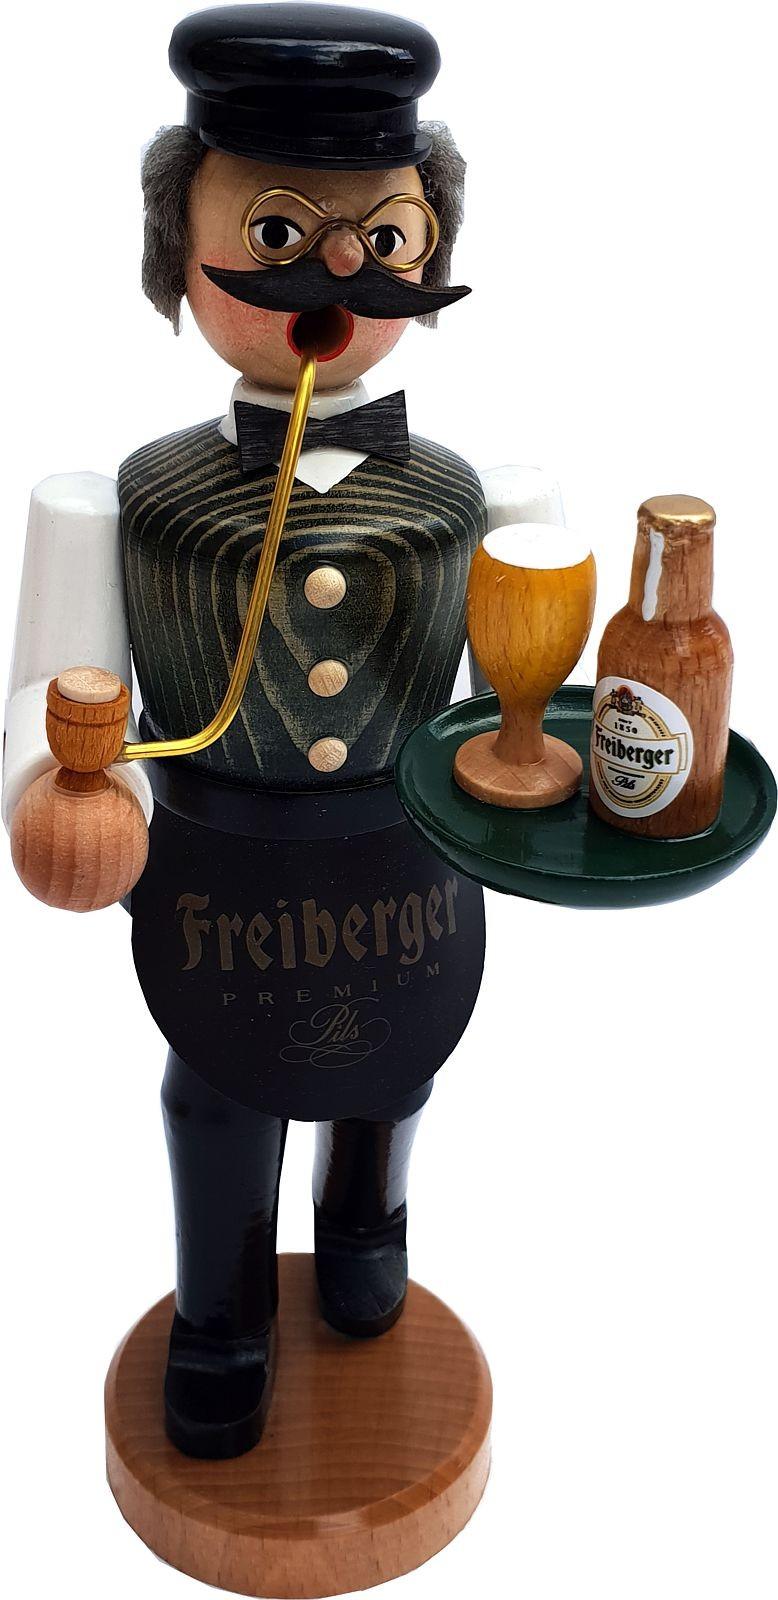 Räuchermann Gastwirt - Freiberger, güne Weste